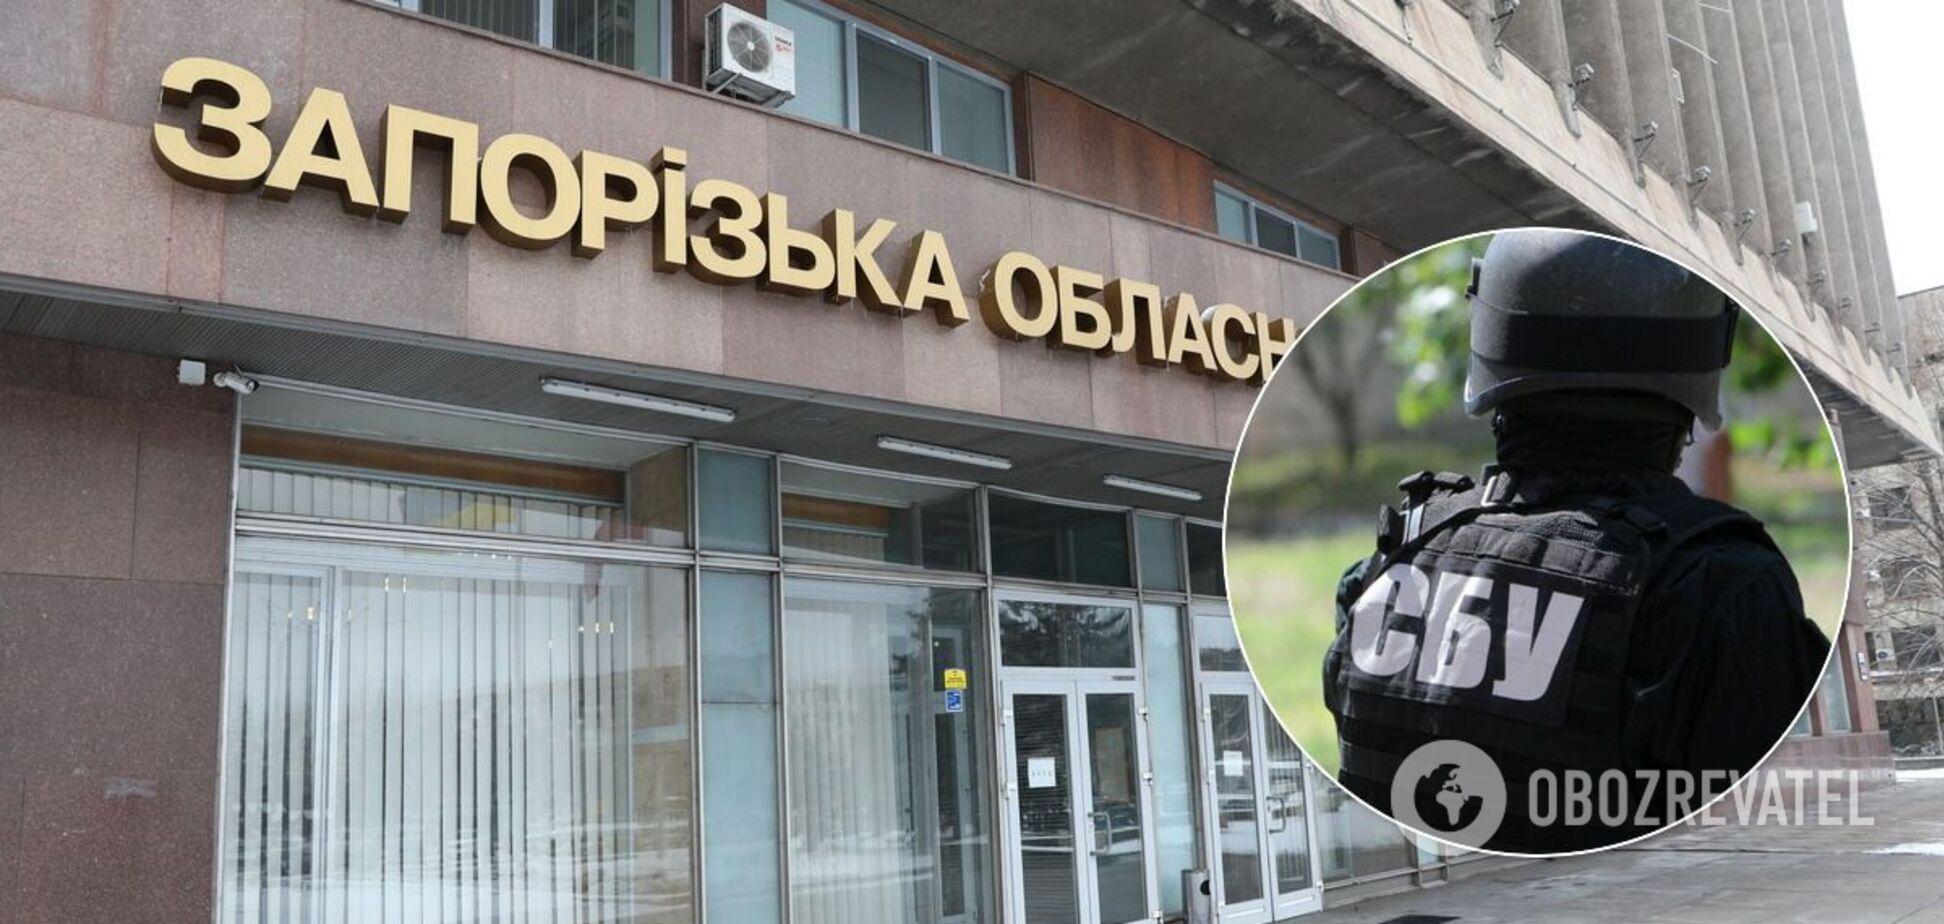 Депутат заявил о попытке создания 'Запорожской народной республики' и обратился к СБУ